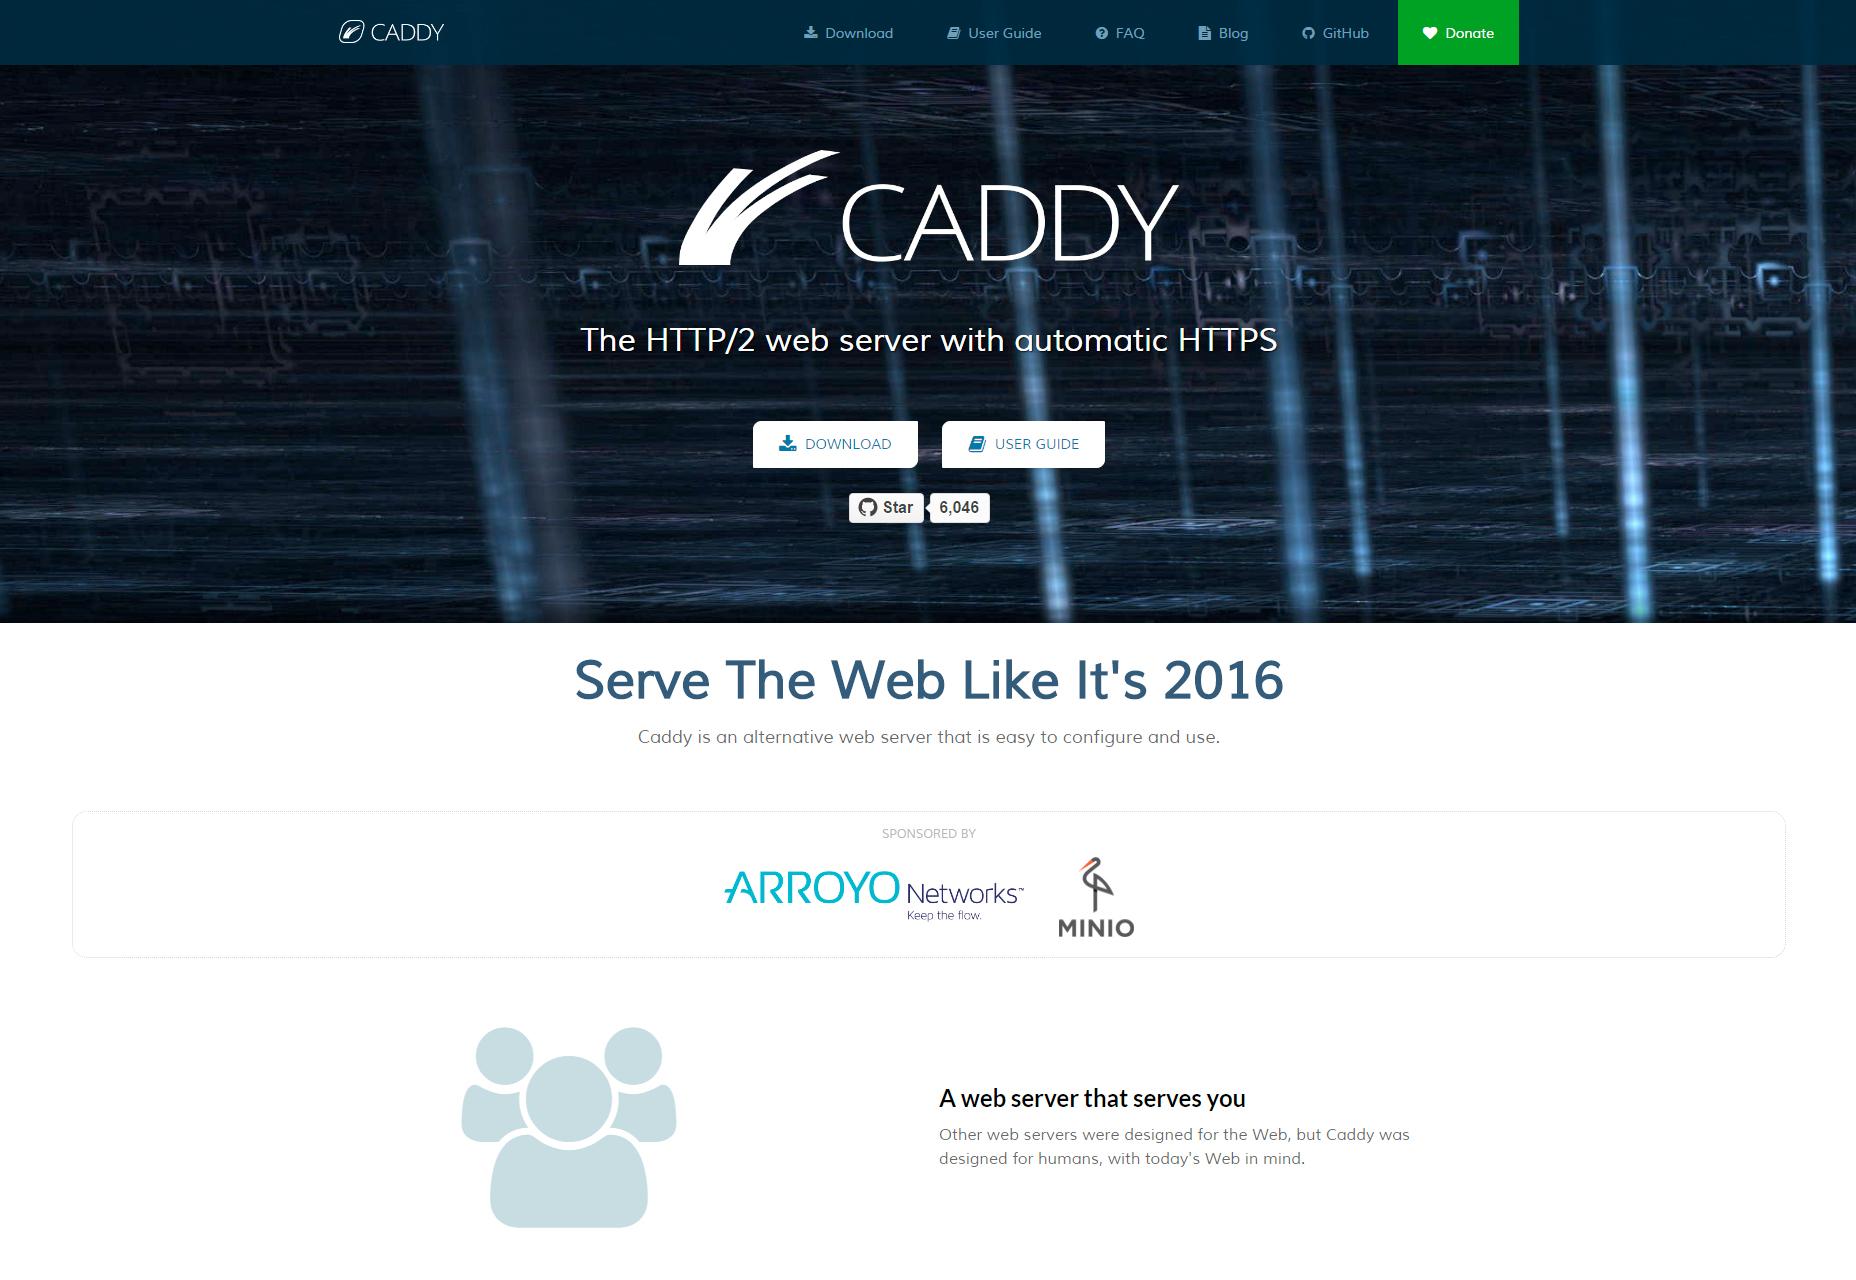 Caddy: Täysin hallittu SSL HTTP / 2-Web-palvelin